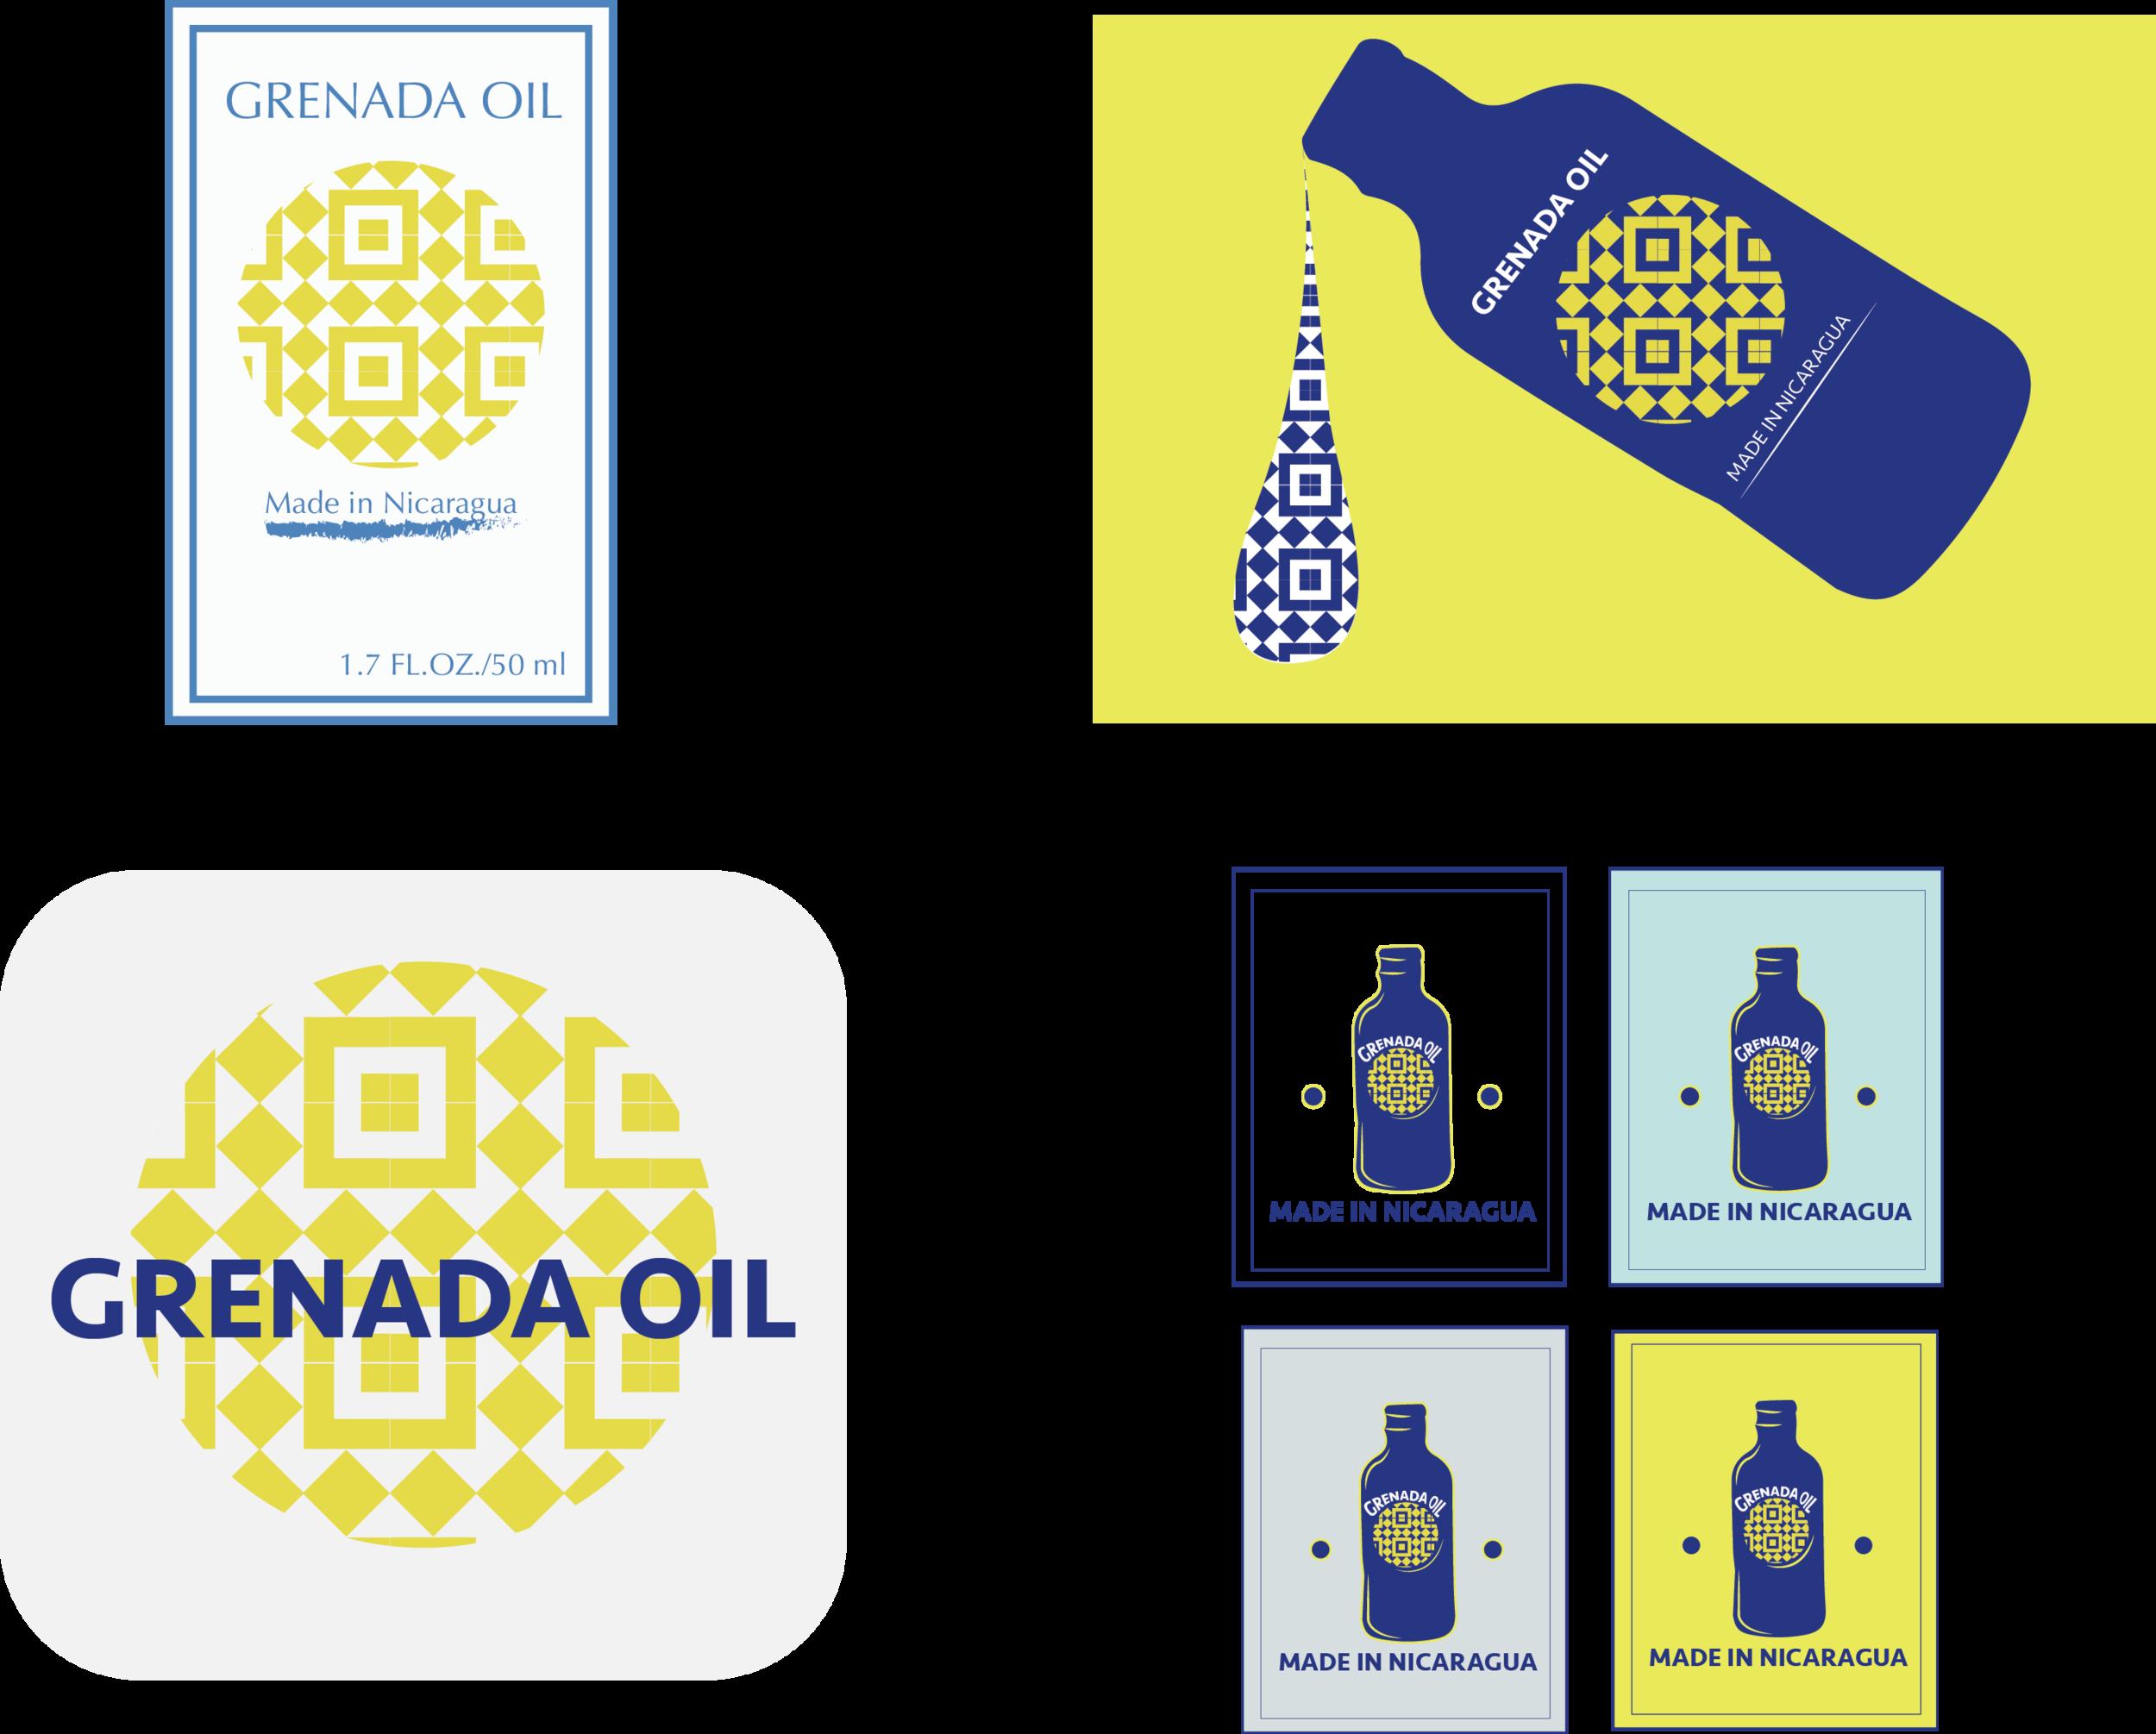 grenada oil.png